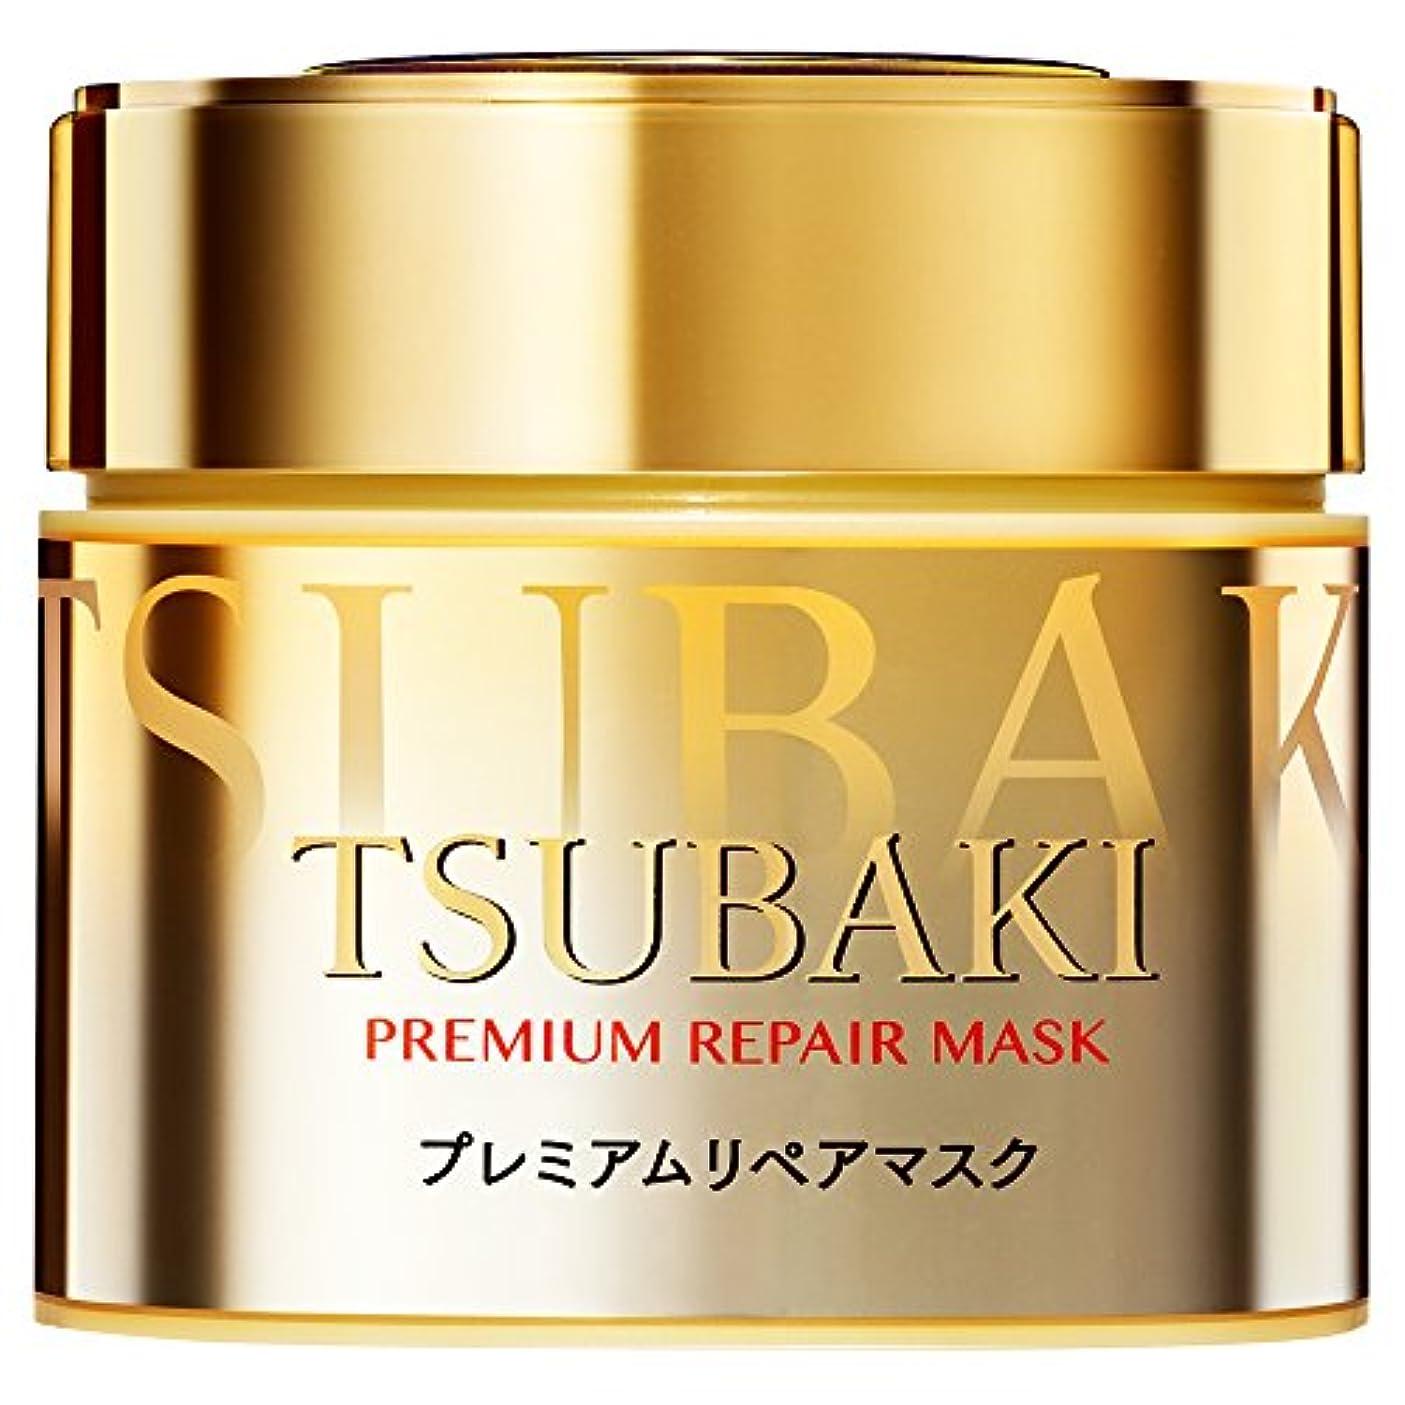 甘味小売しなやかTSUBAKI(ツバキ) TSUBAKI プレミアムリペアマスク 180g